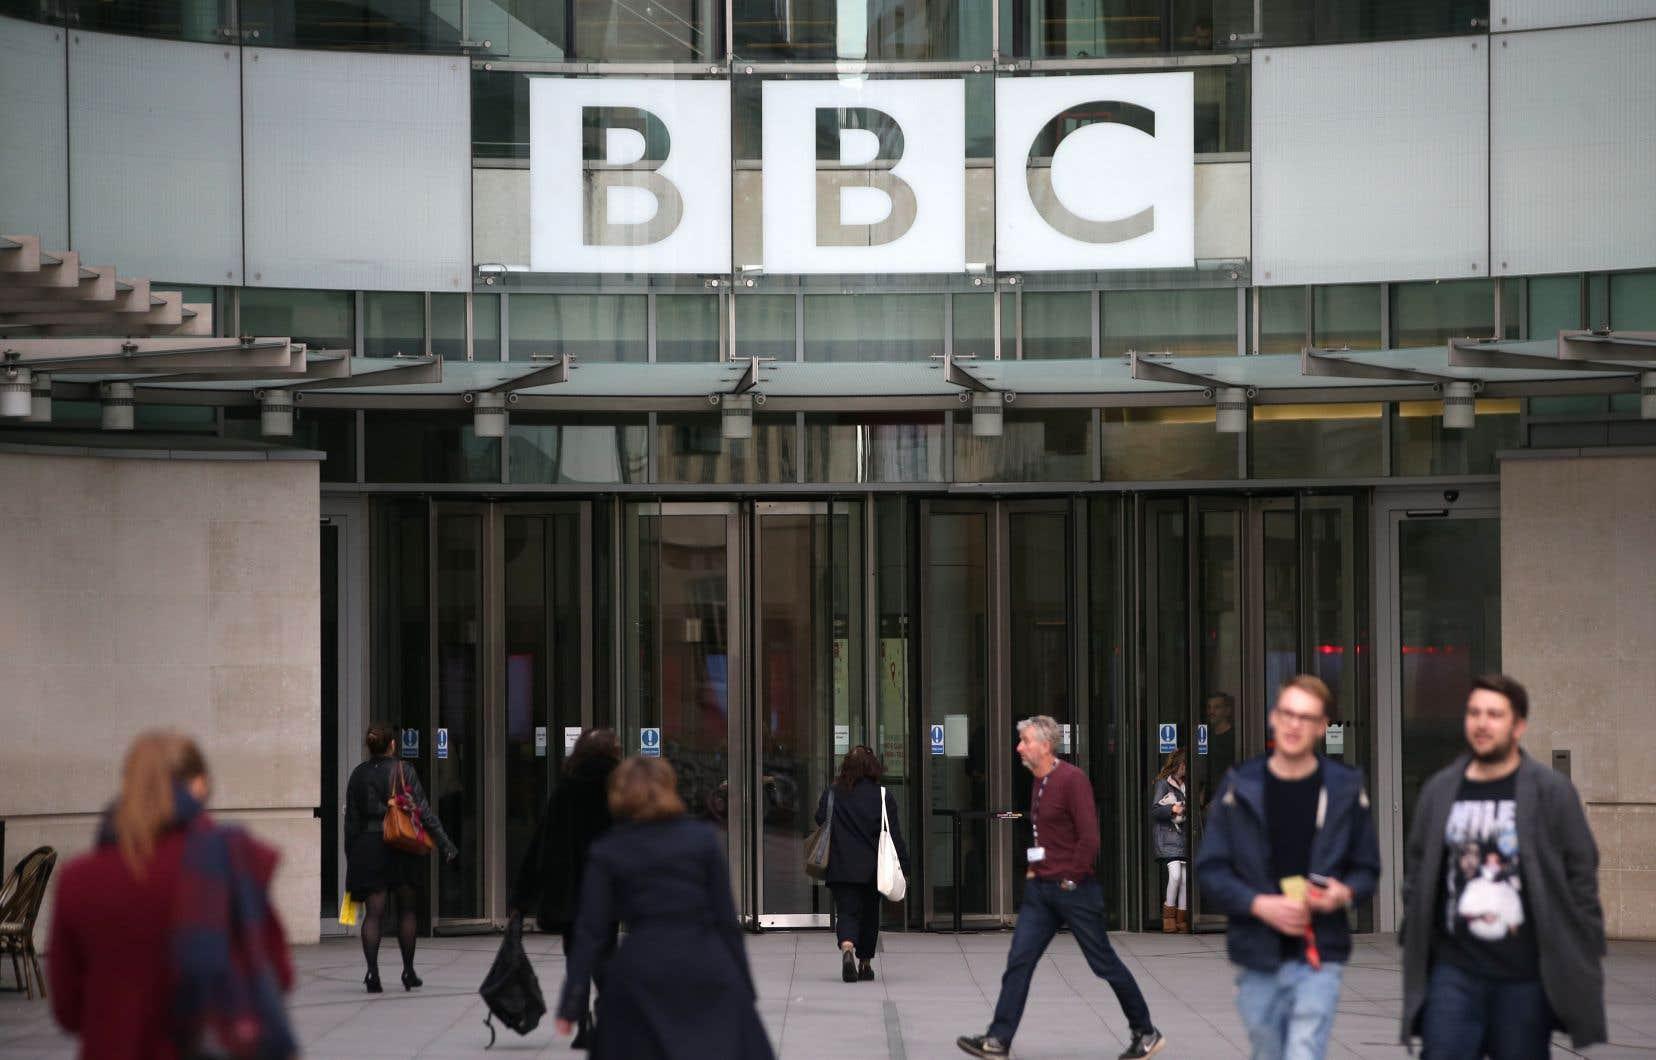 La BBC a fait l'objet de nombreuses critiques depuis qu'elle a été contrainte, en juillet 2017, de révéler les salaires de ses dirigeants et présentateurs vedettes.